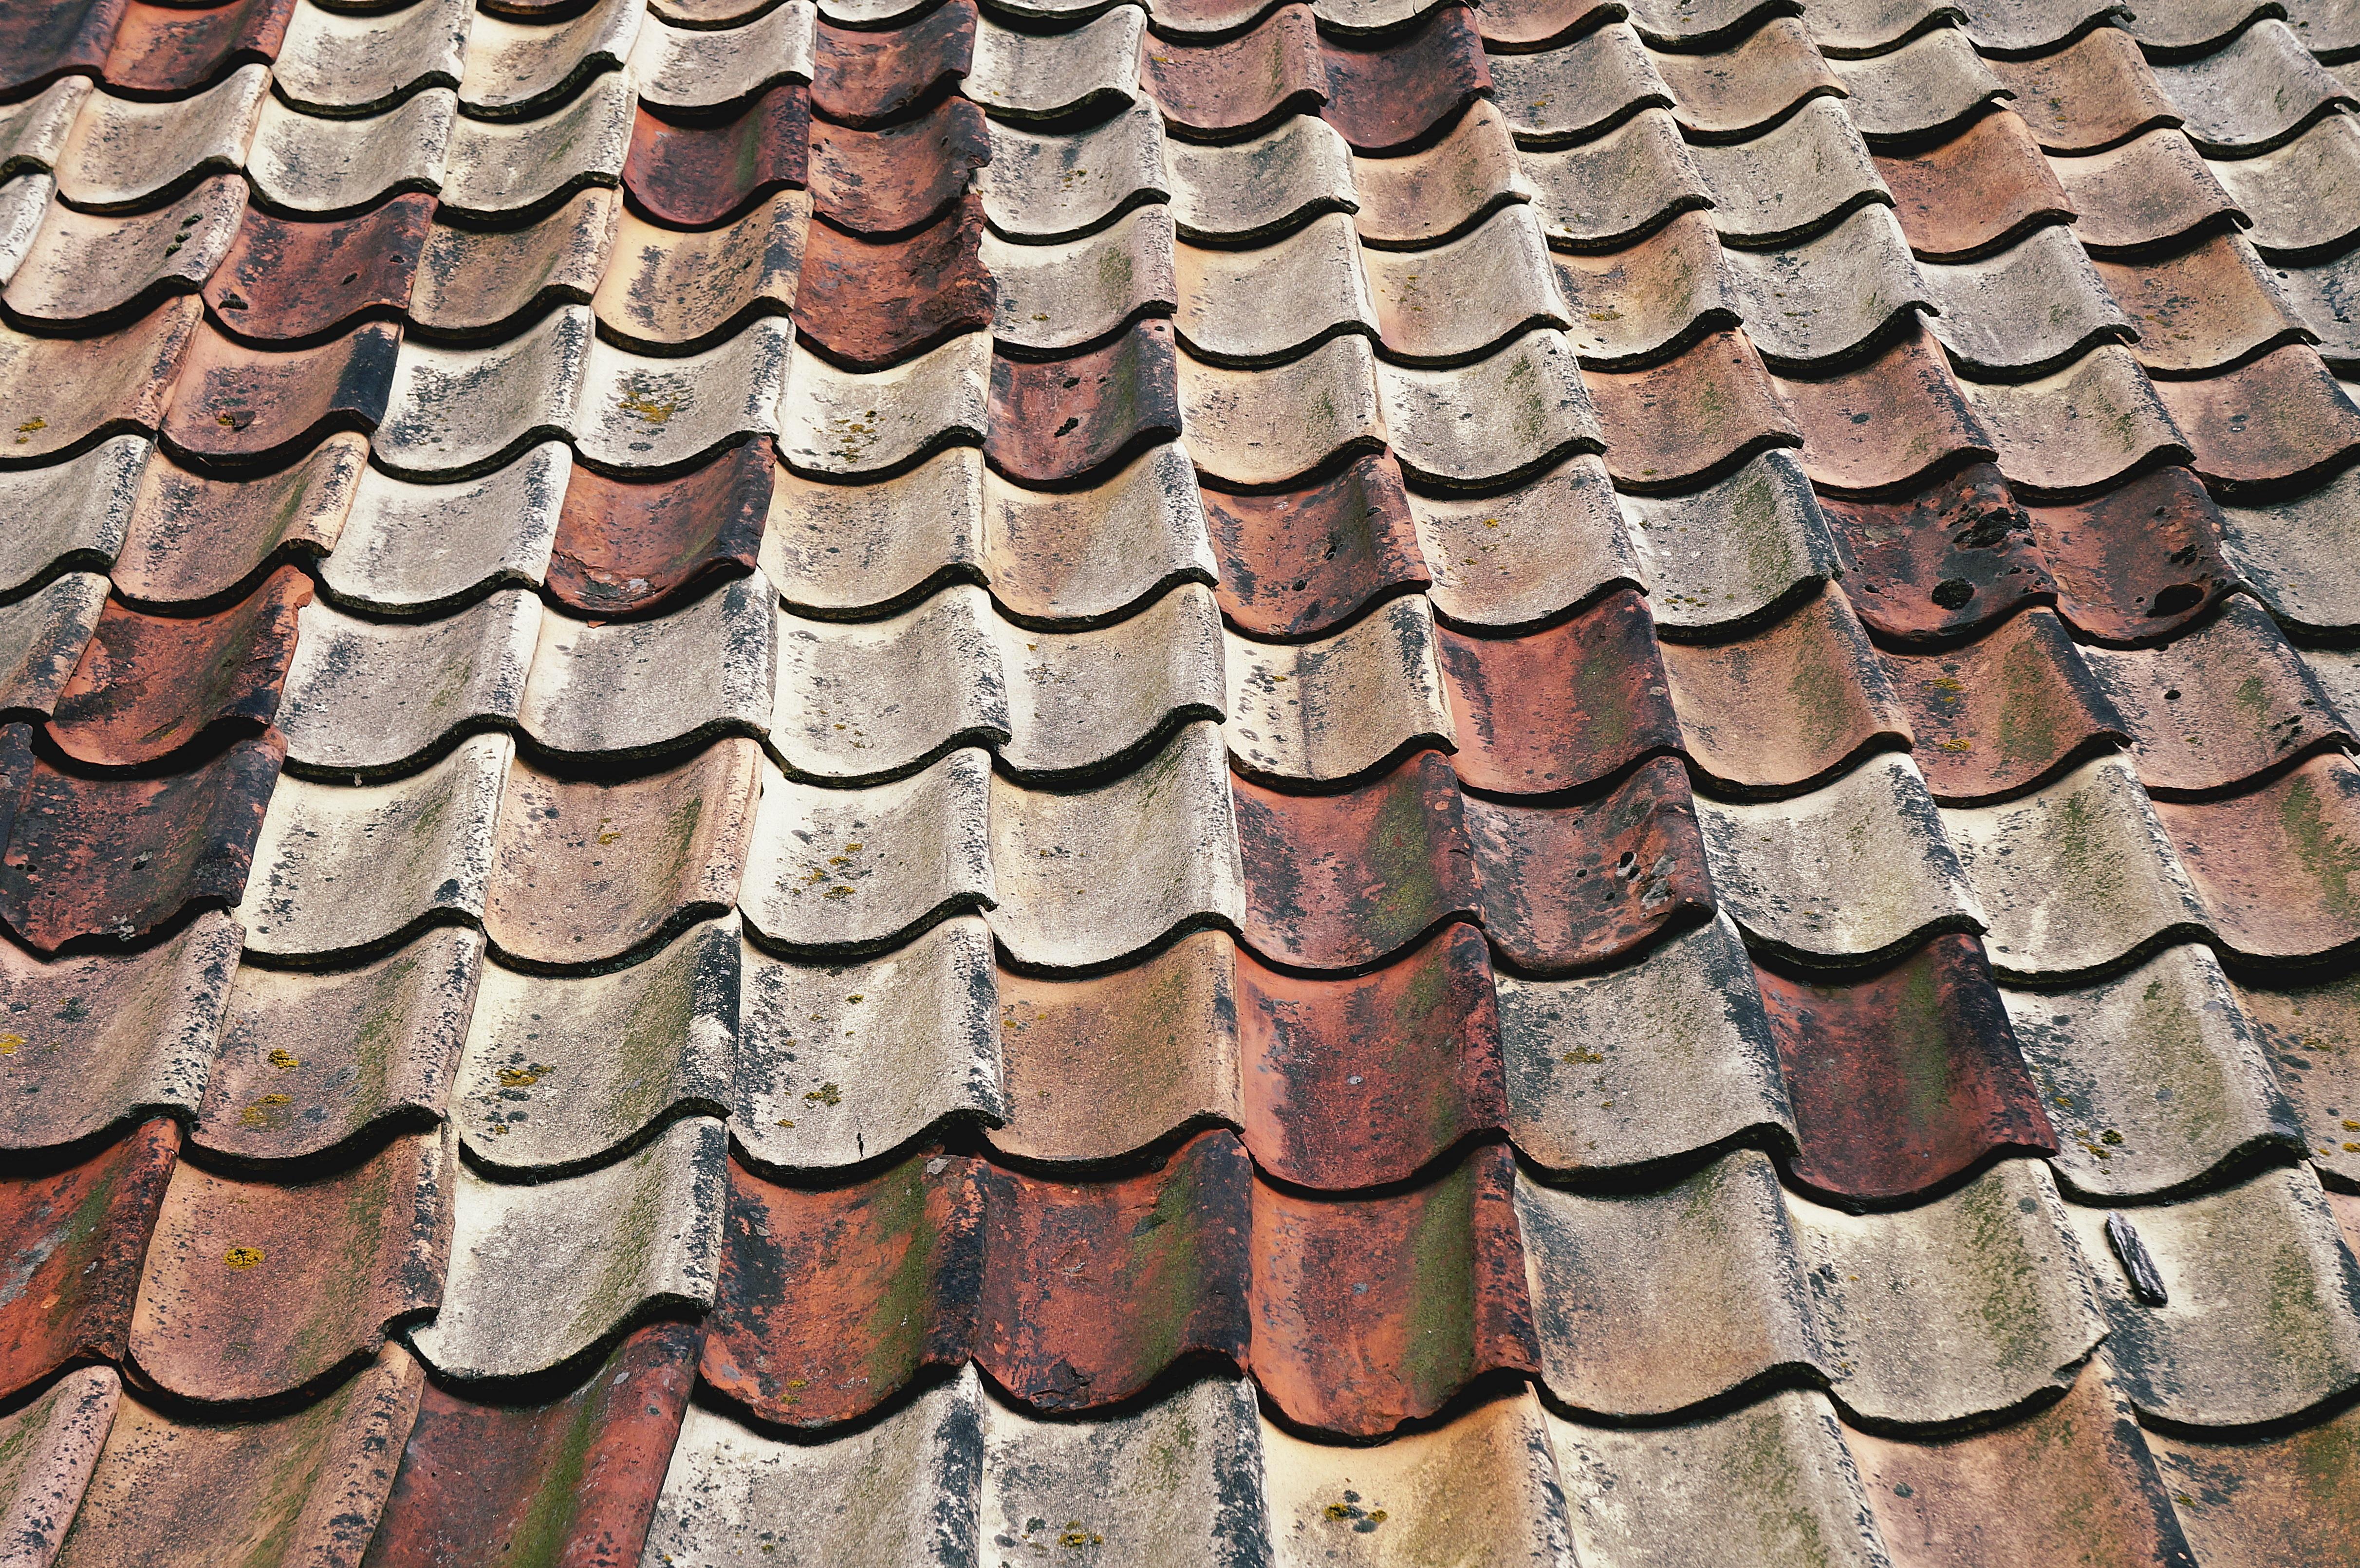 Images Gratuites Bois Texture Toit Tronc Mur Modele Sol Sale Brique Bois D Oeuvre Materiel Rouille Brique Objet Fabrique Par L Homme 4847x3221 1177949 Banque D Image Gratuite Pxhere